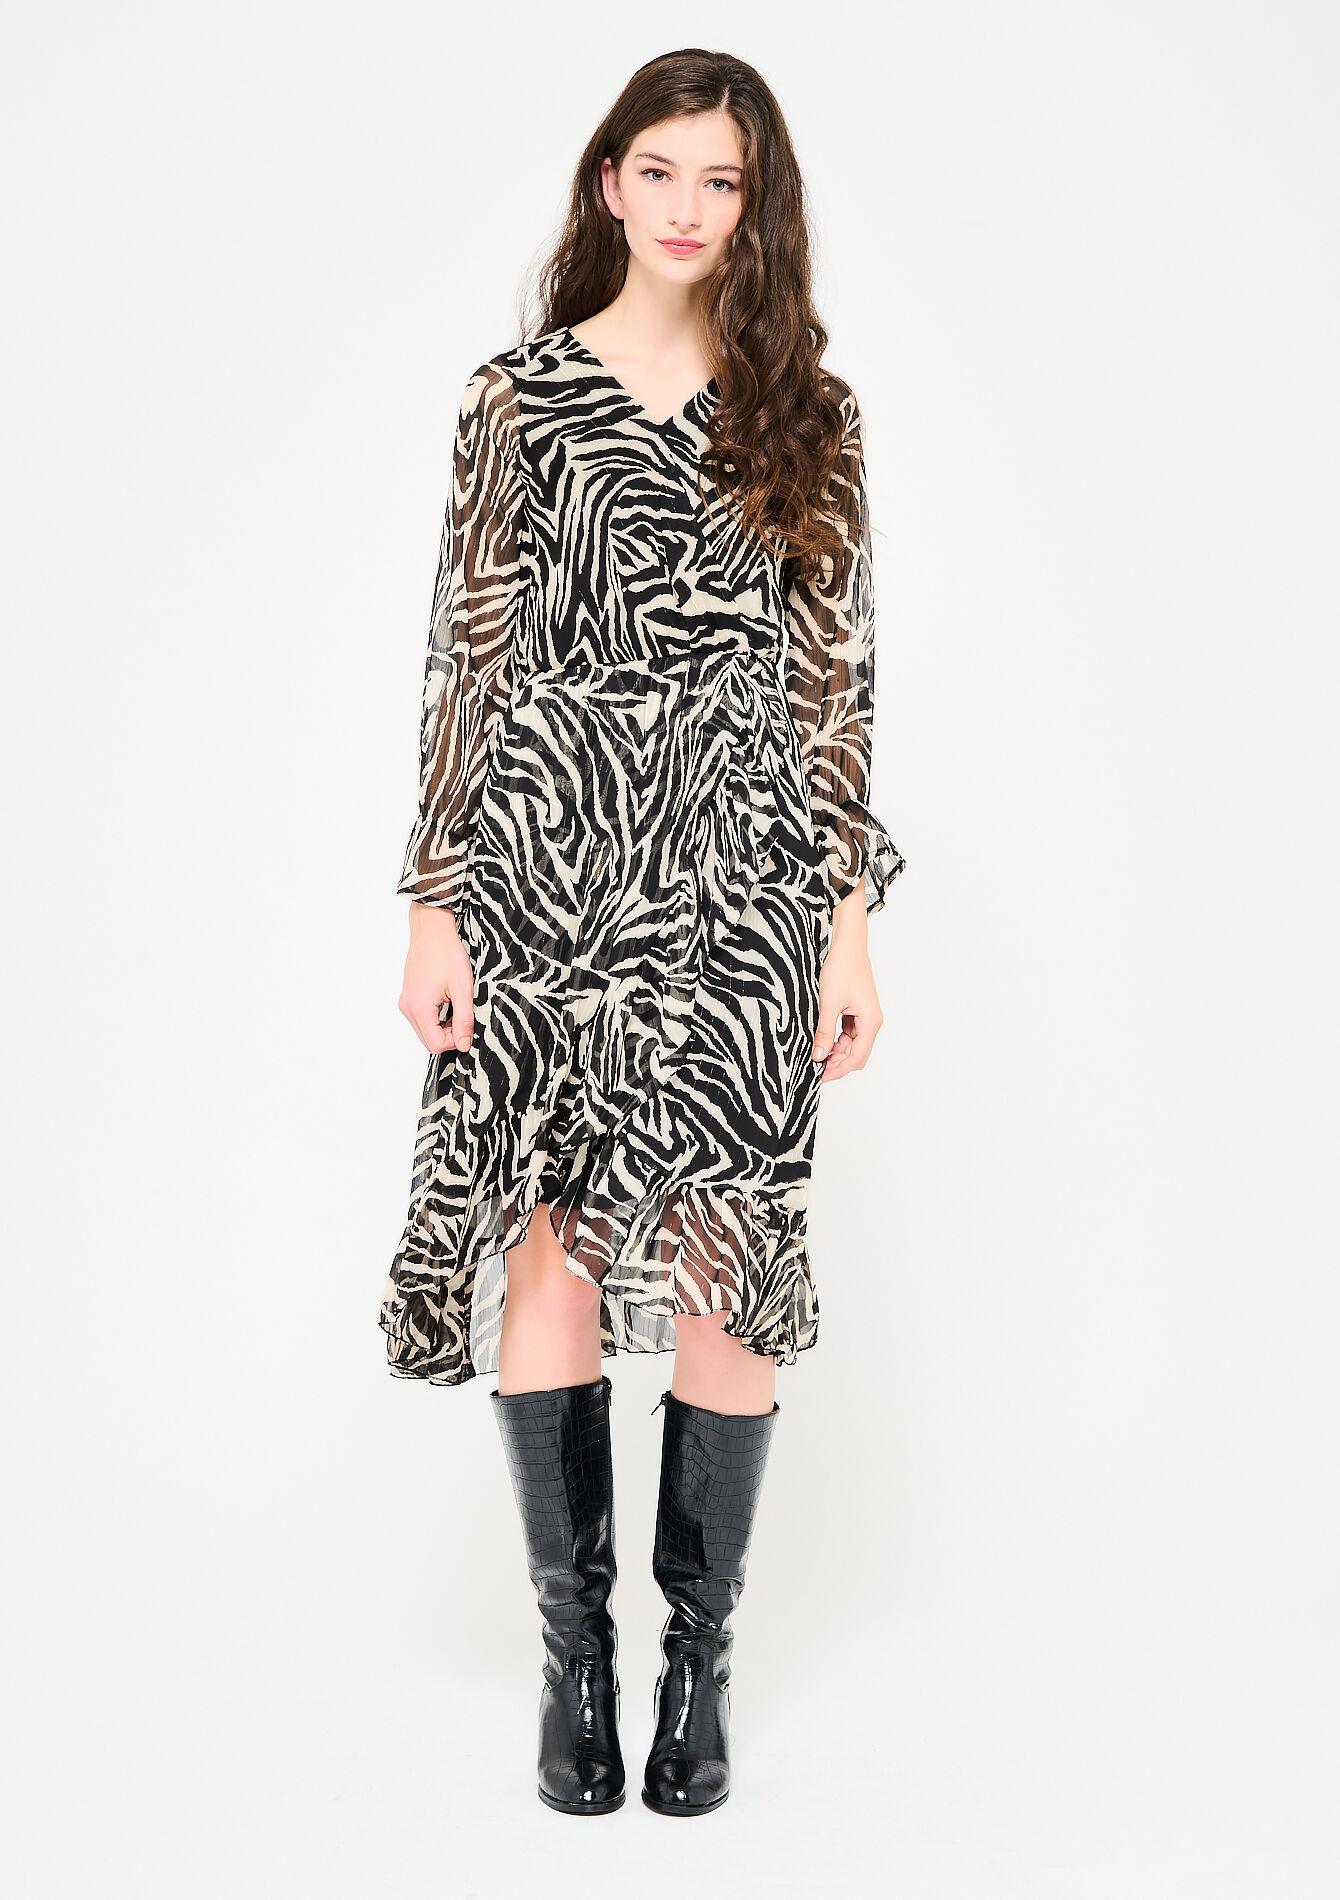 La robe cache-coeur à imprimé zèbre